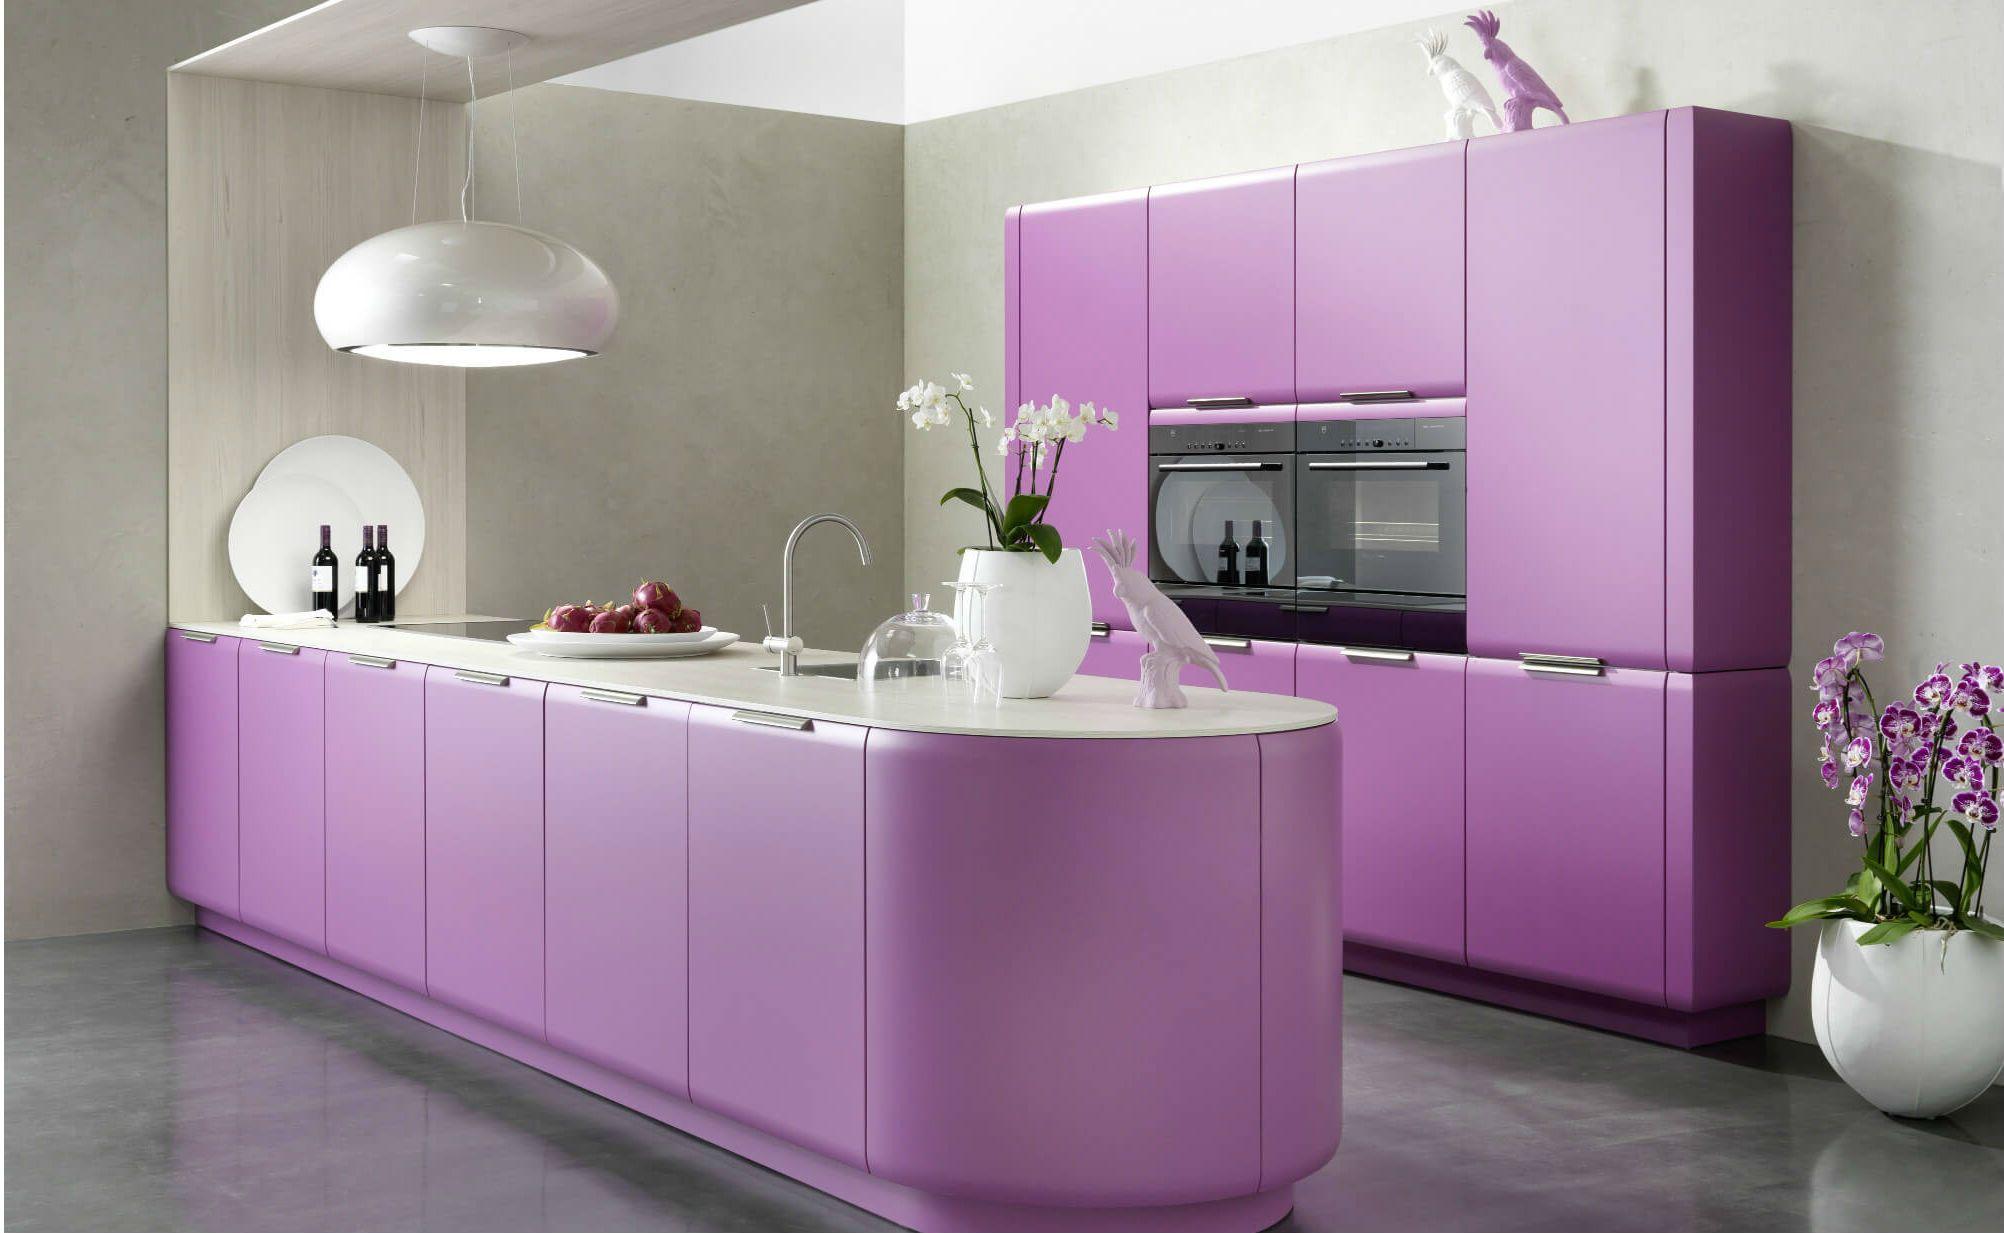 Farbgestaltung der Küche: Bilder und Ideen für farbige Küchen ... | {Küche lila 7}